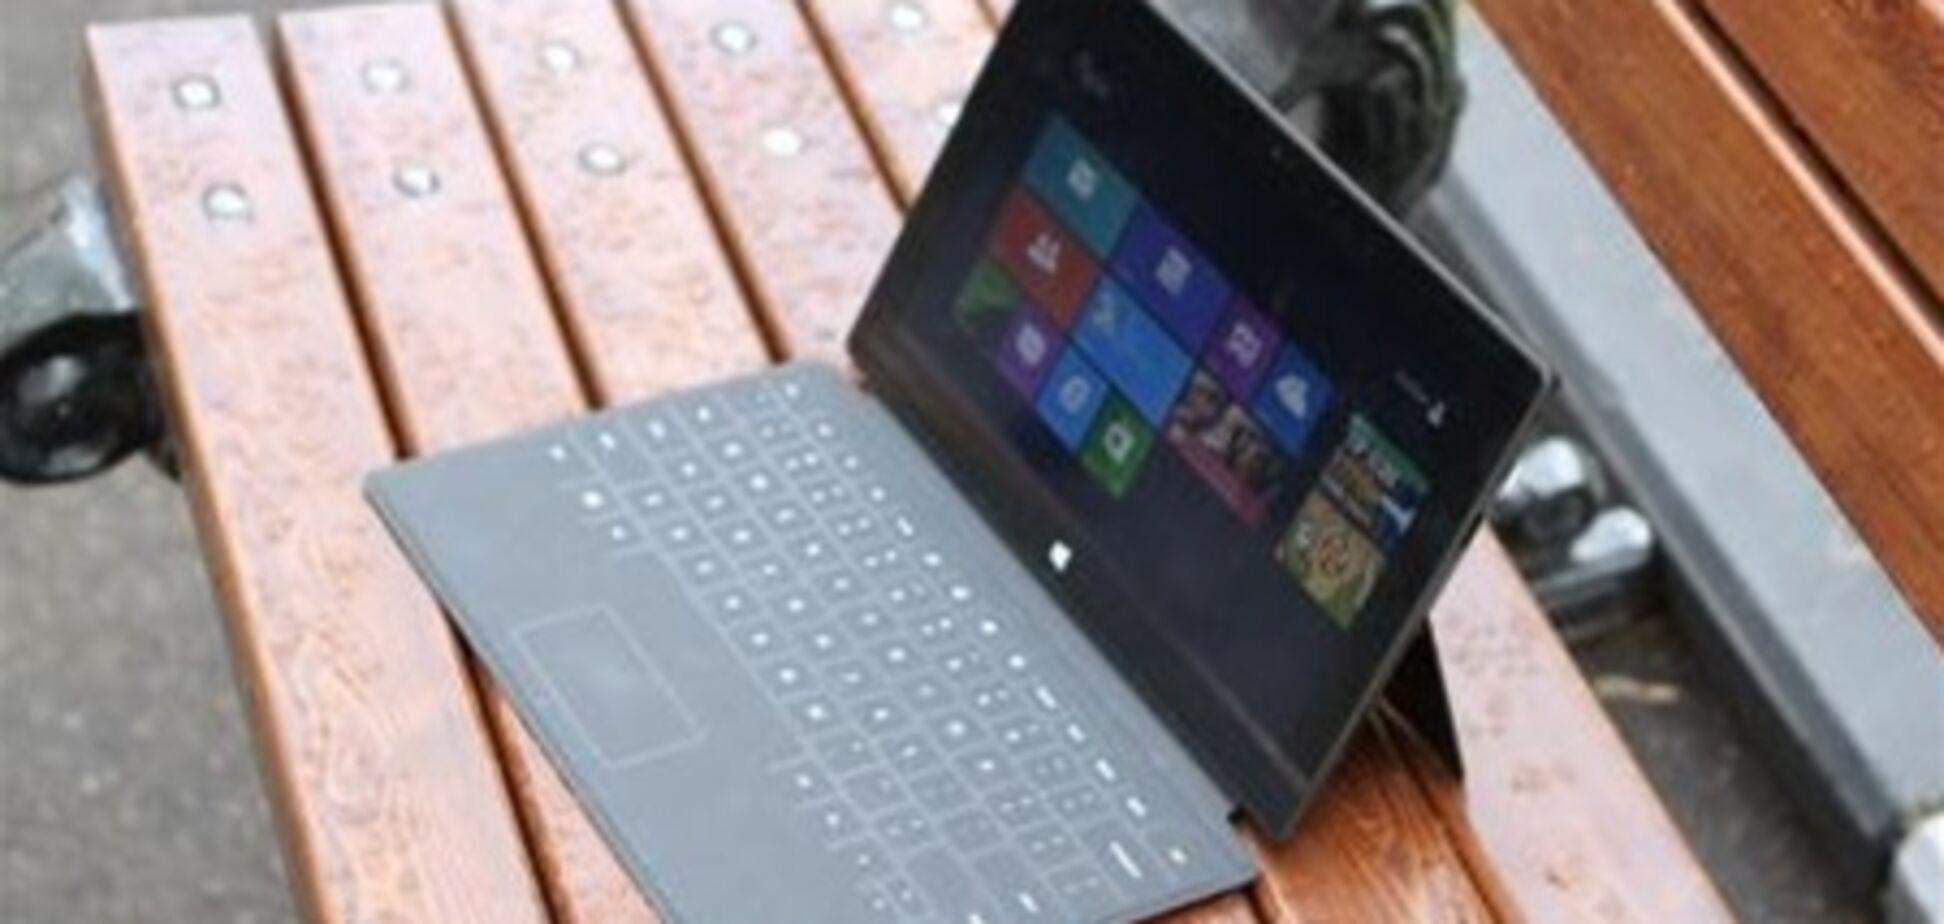 Продажи планшетов Microsoft Surface очень скромные